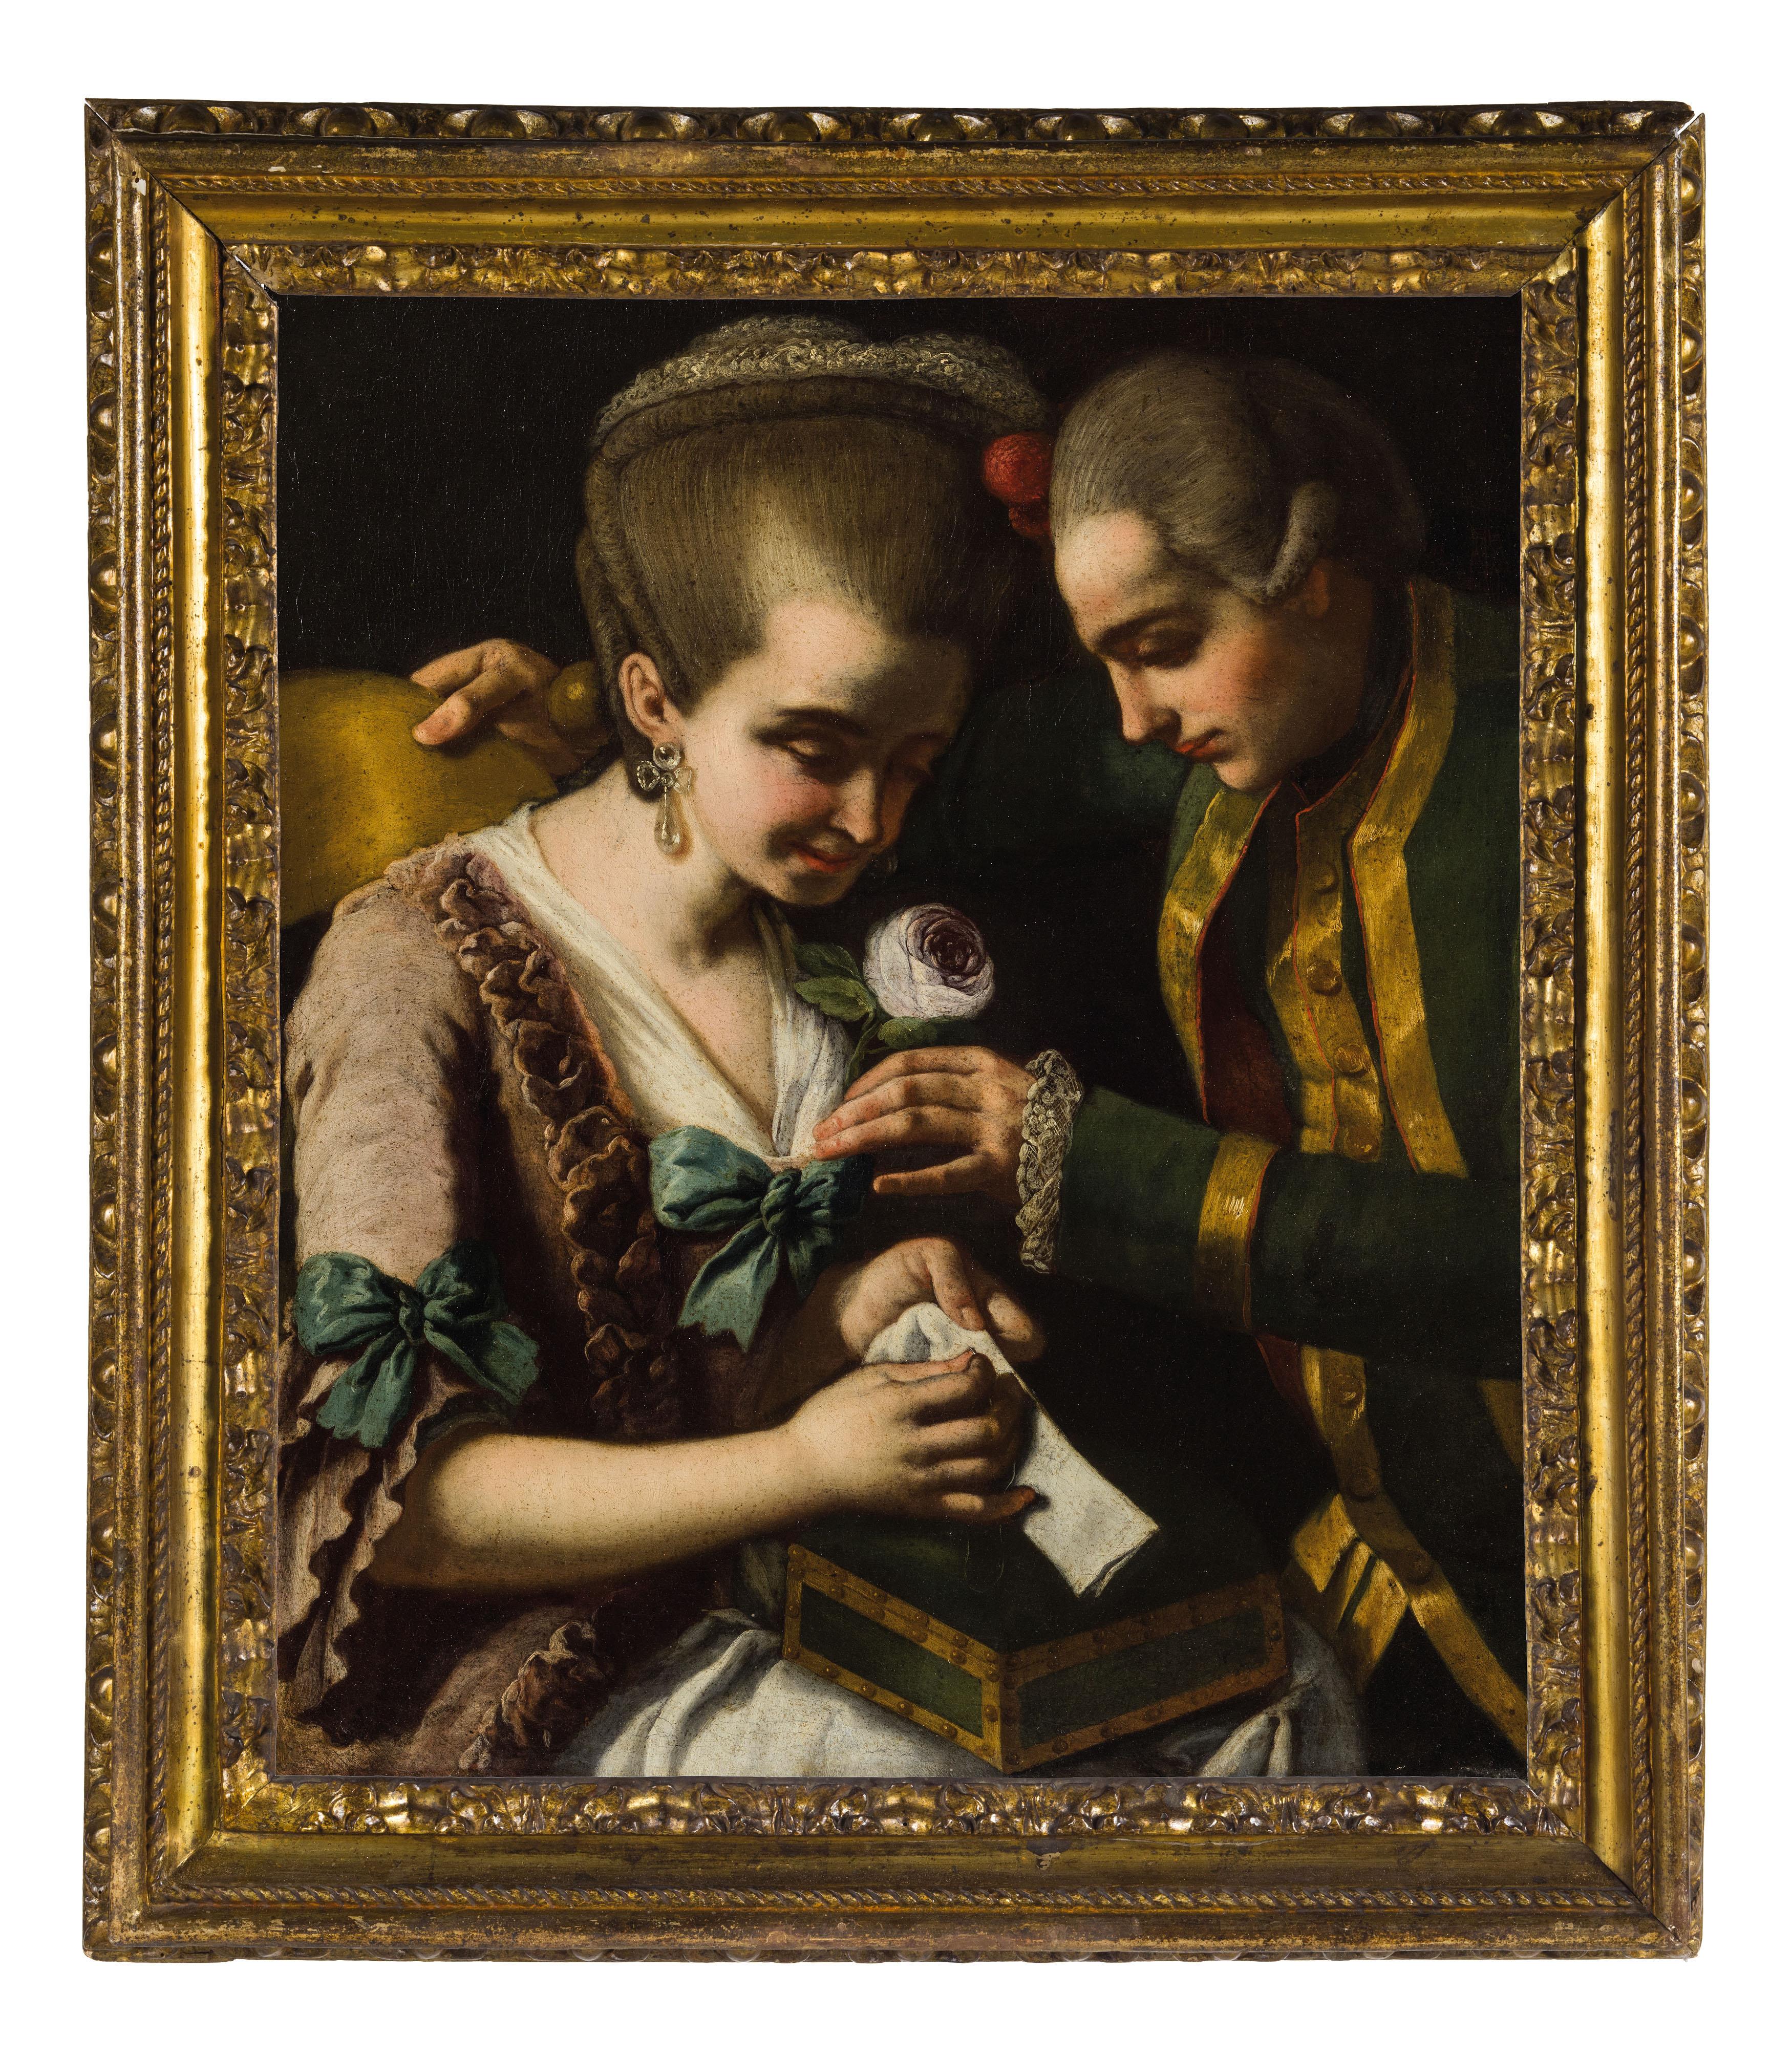 Neapolitanischer Maler - Galante Szene, Öl/Lwd.